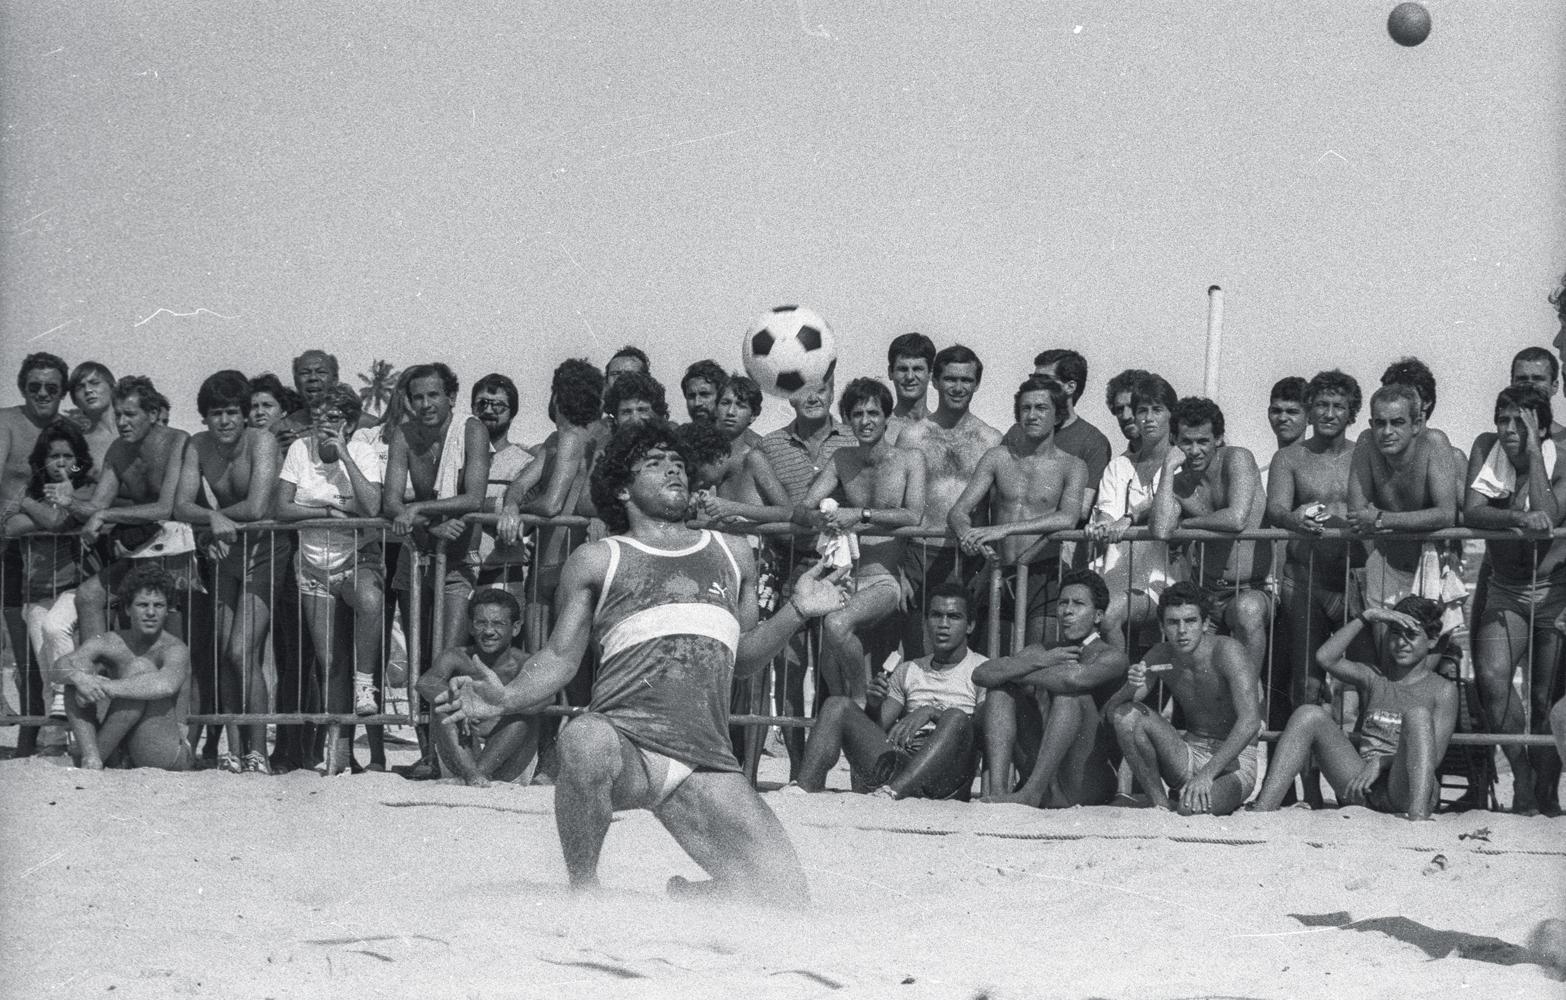 Maradona joga futevôlei e multidão assiste